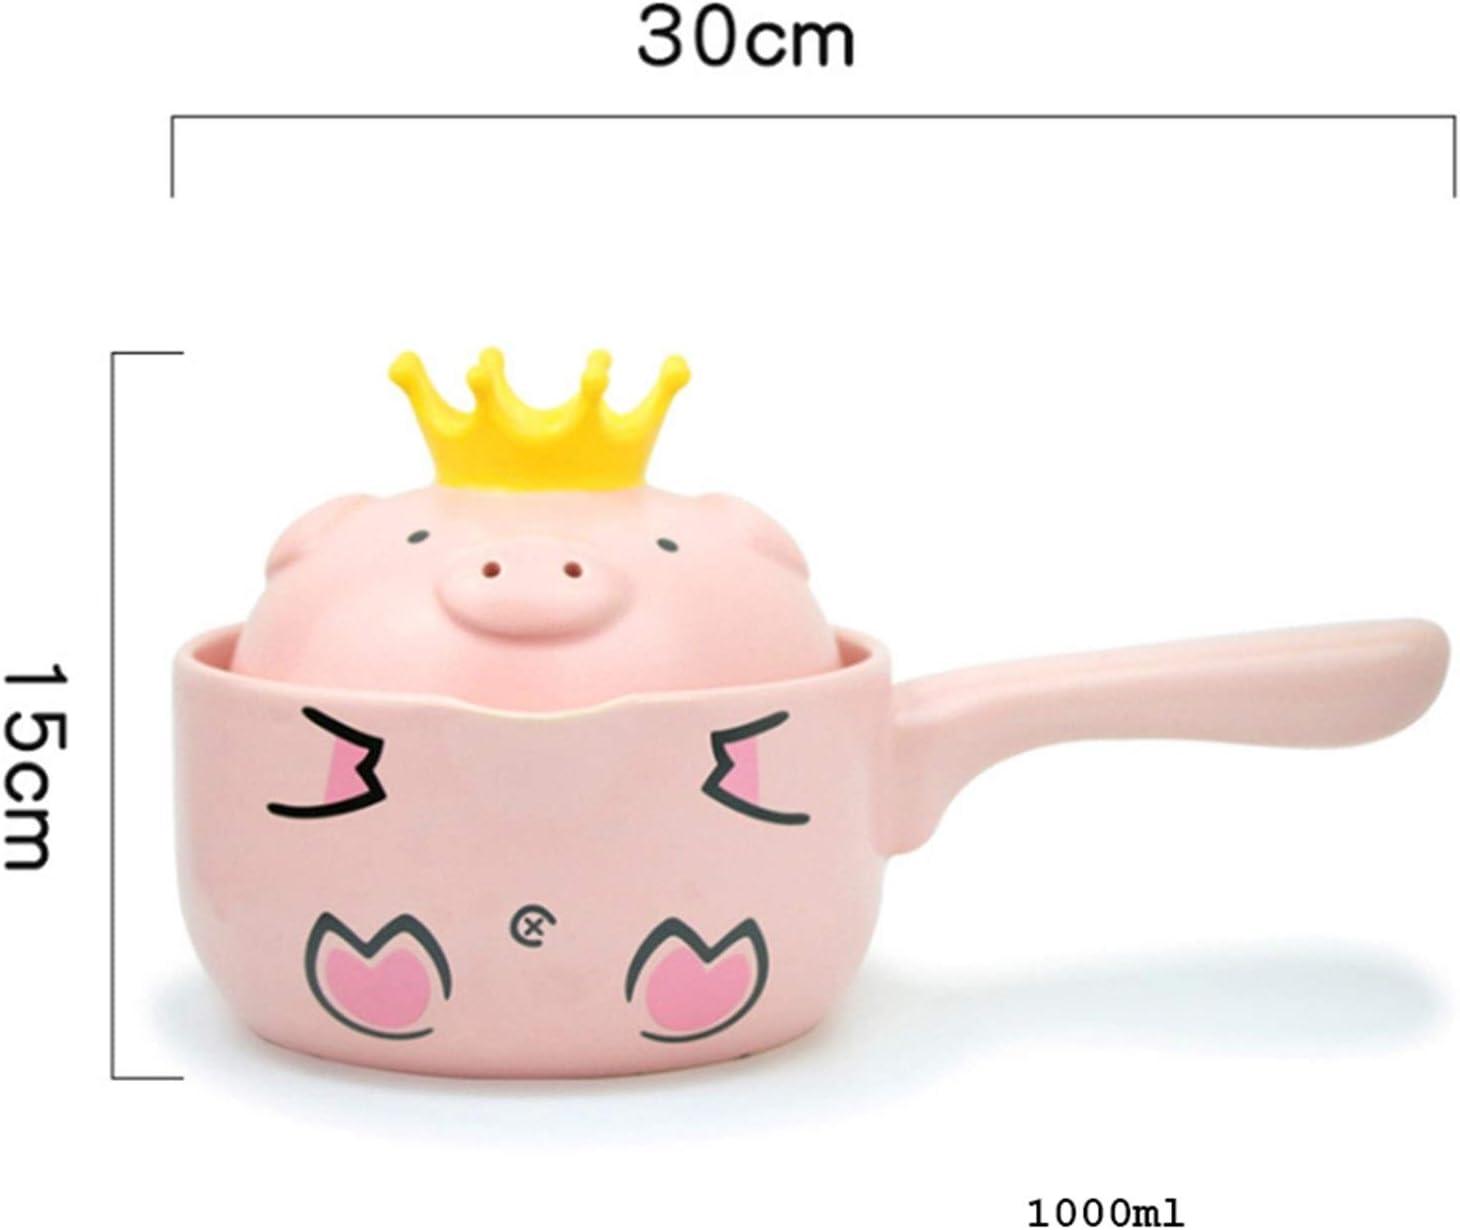 Fioerwe Petit Pot à Lait Creative Mini Pink Pig Milk Céramique/Marmites Casseroles avec Couvercle et poignée Simple antiadhésifs Marmite (Color : Pink) Pink